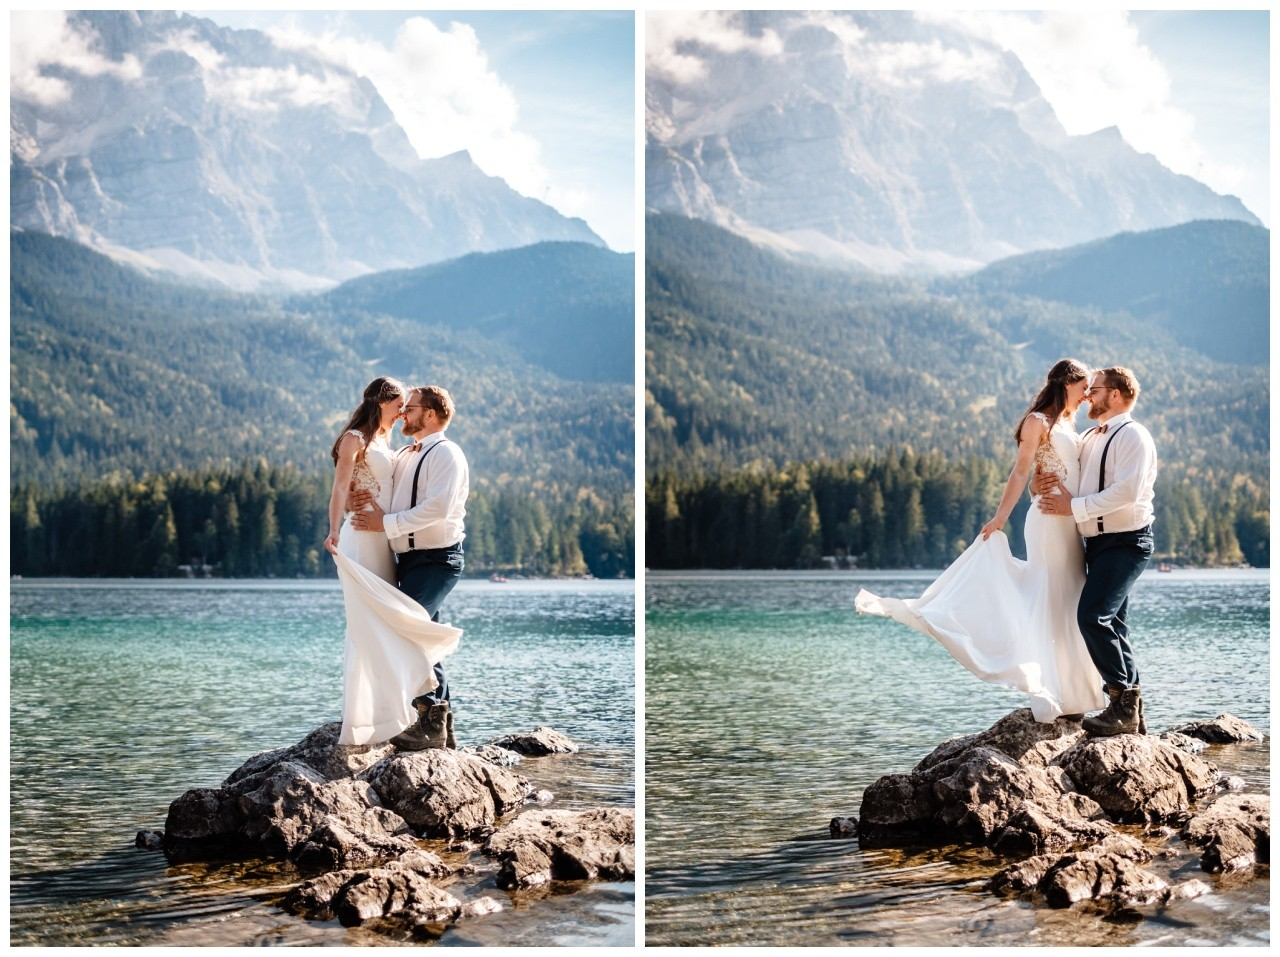 hochzeitsfoto eibsee zugspitze gamisch hochzeitsfotograf foto paarshooting 31 - Hochzeitsfotos am Eibsee